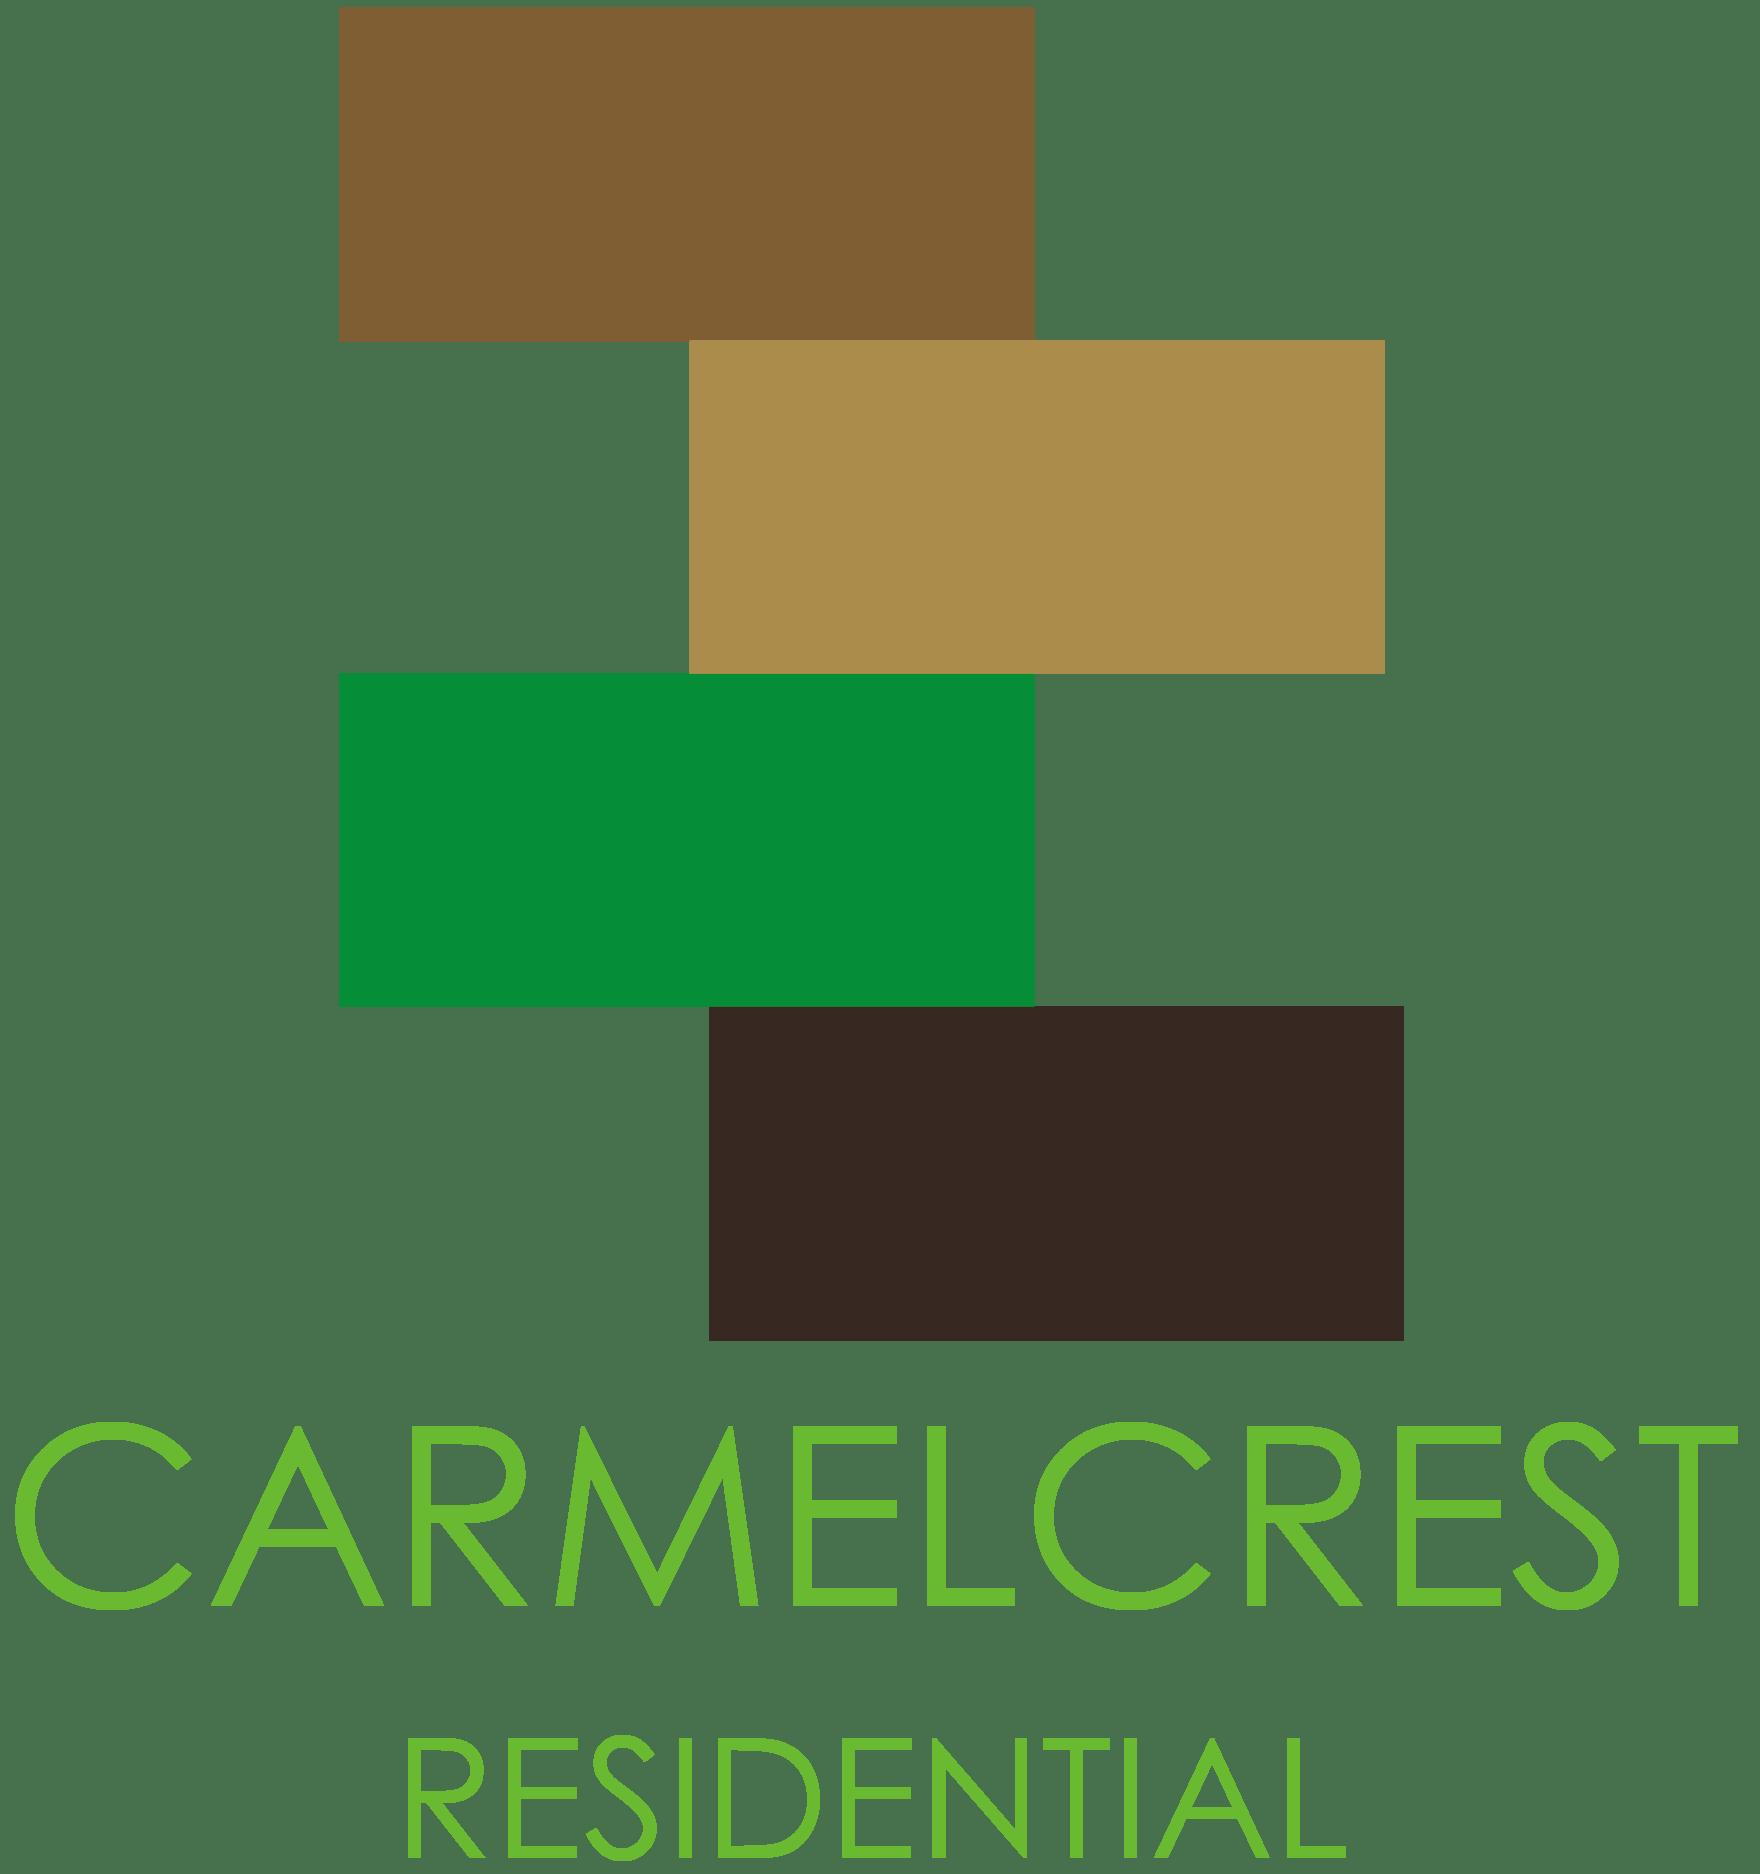 Carmelcrest Residential